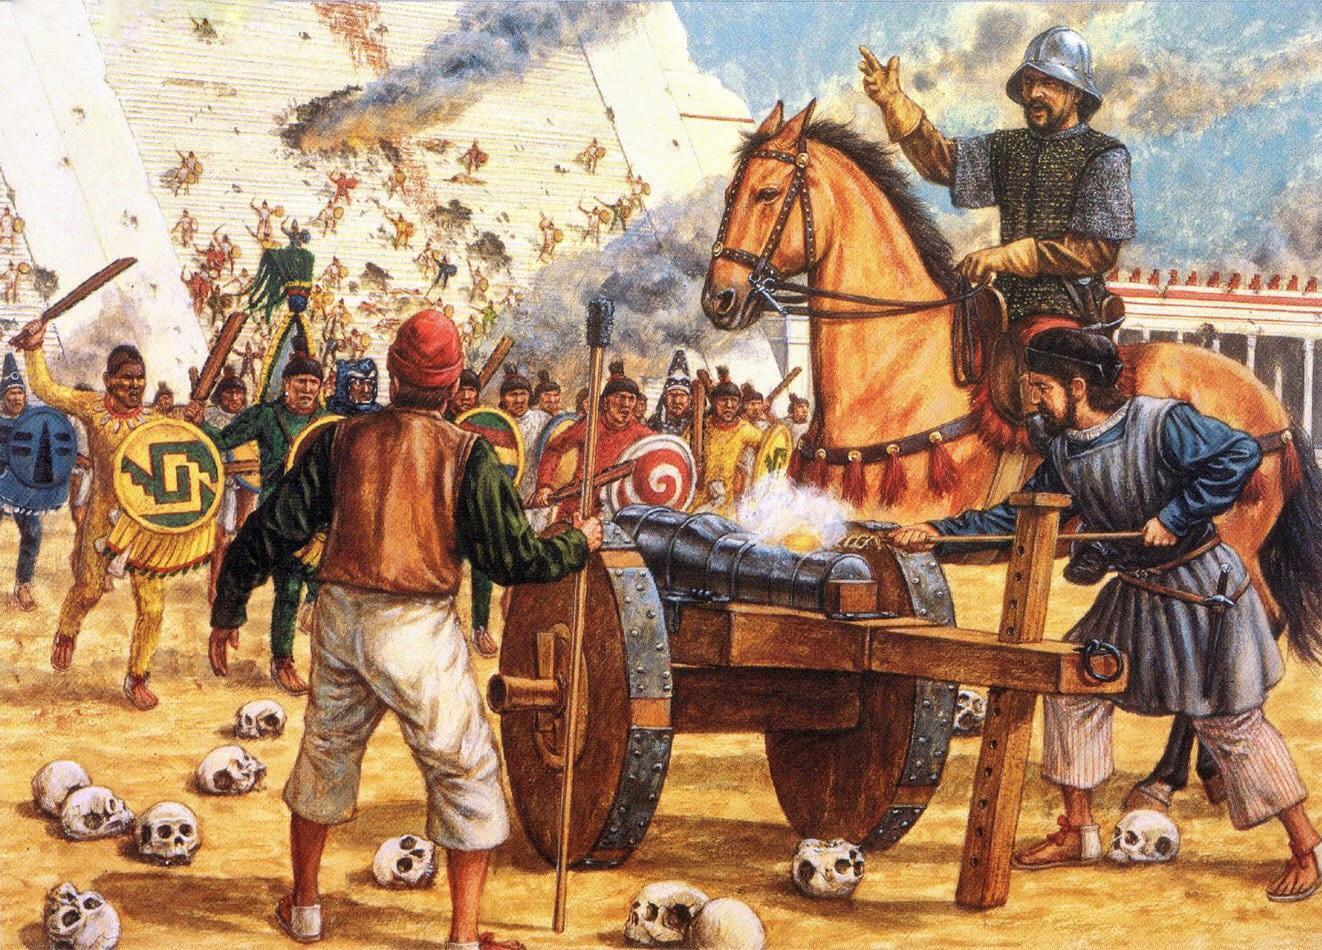 Kaip saujelė ispanų parklupdė didžią civilizaciją